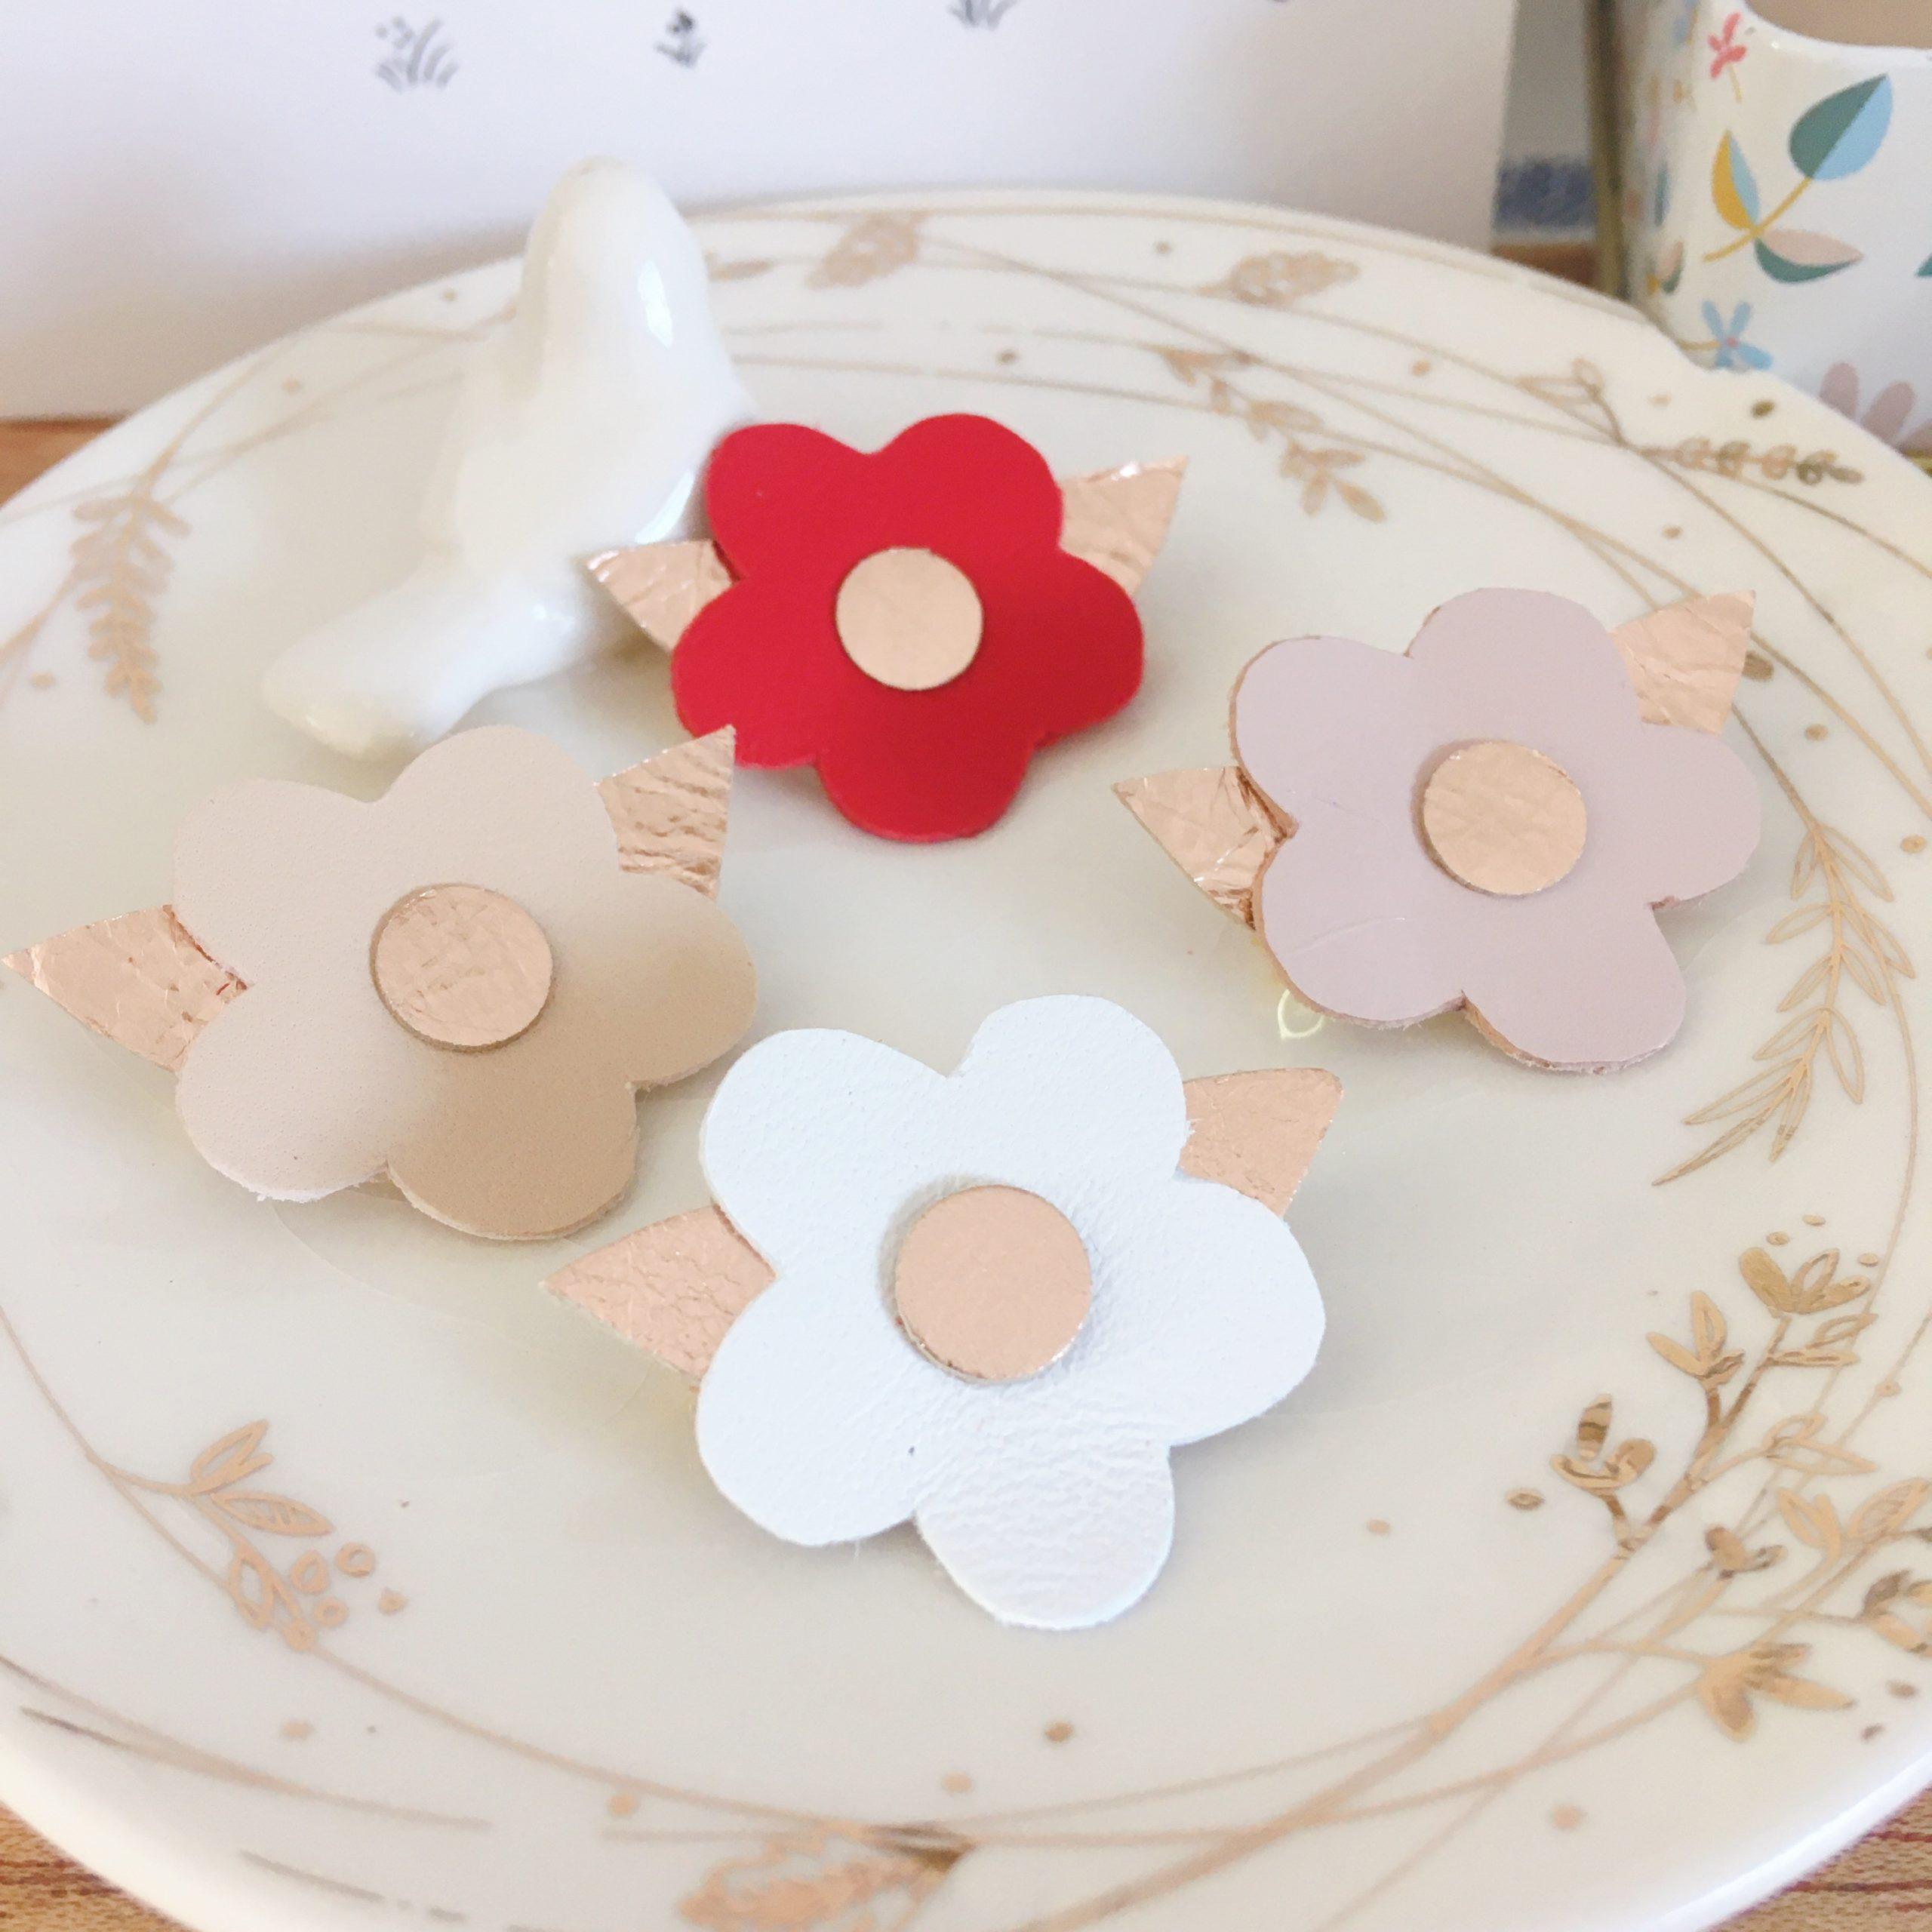 broches fleurettes en cuir couleurs d'amour made in france - du vent dans mes valises